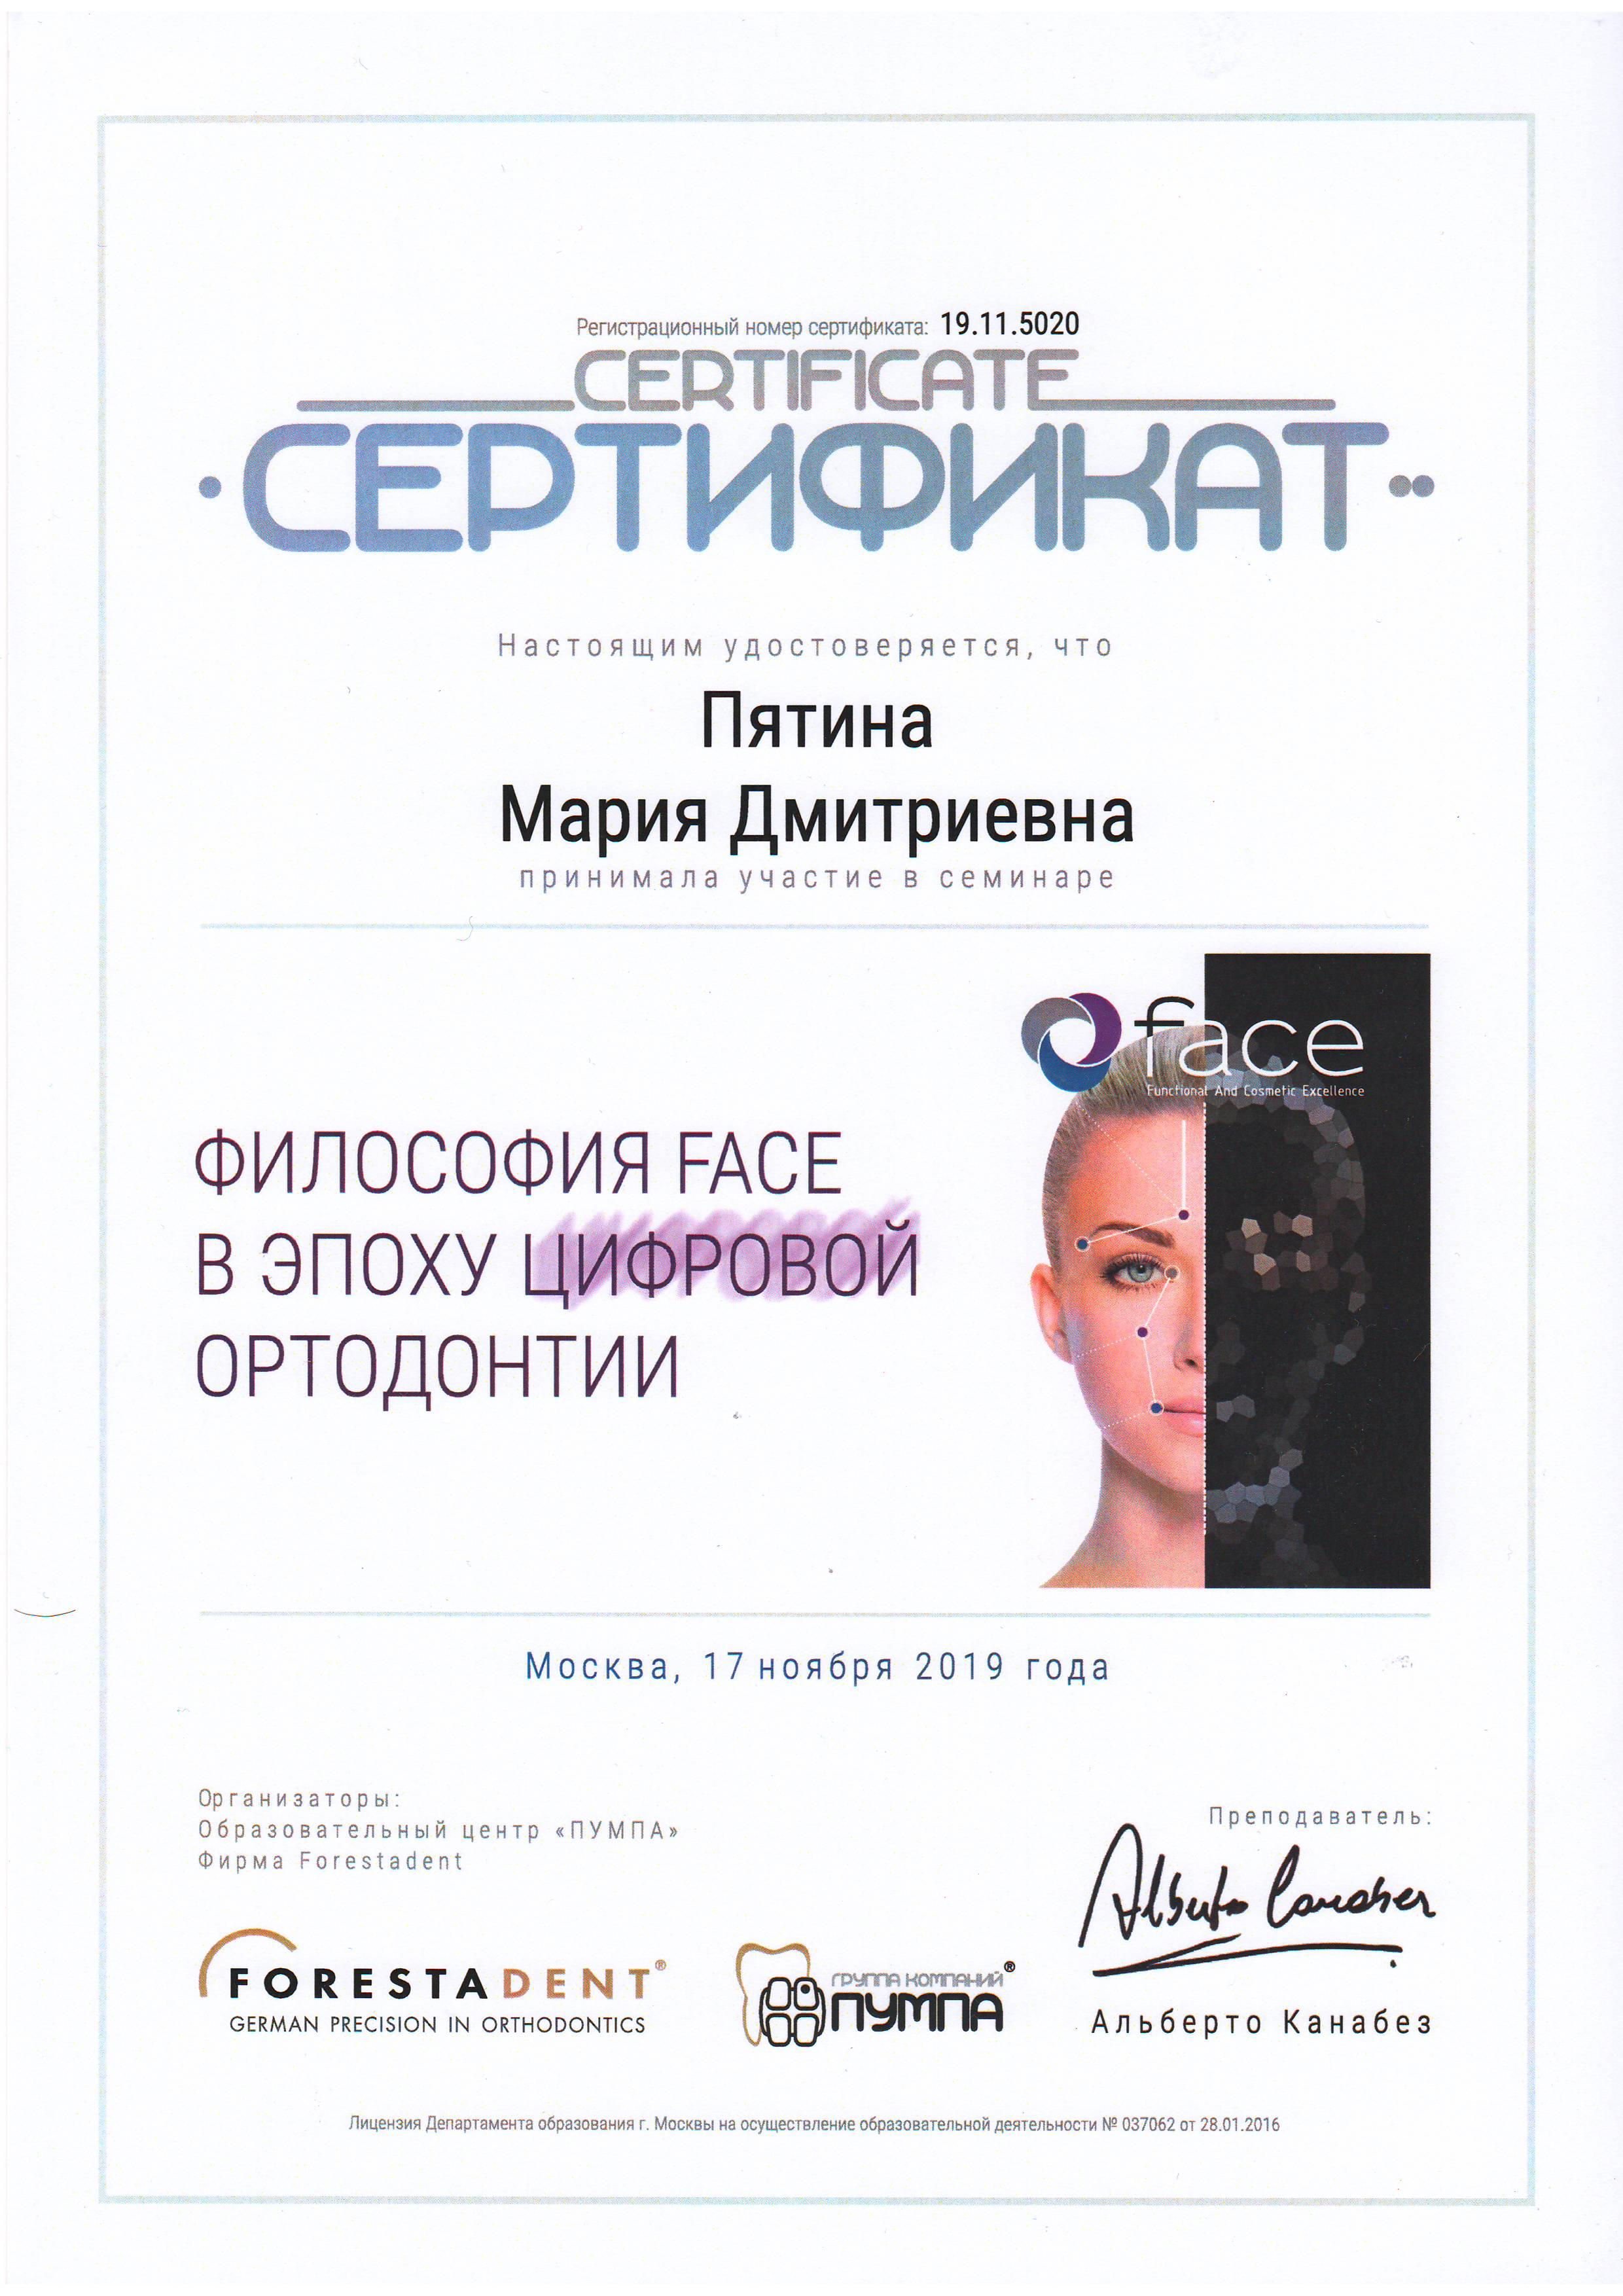 2019, «Философия Face в эпоху цифровой ортодонтии», Пумпа